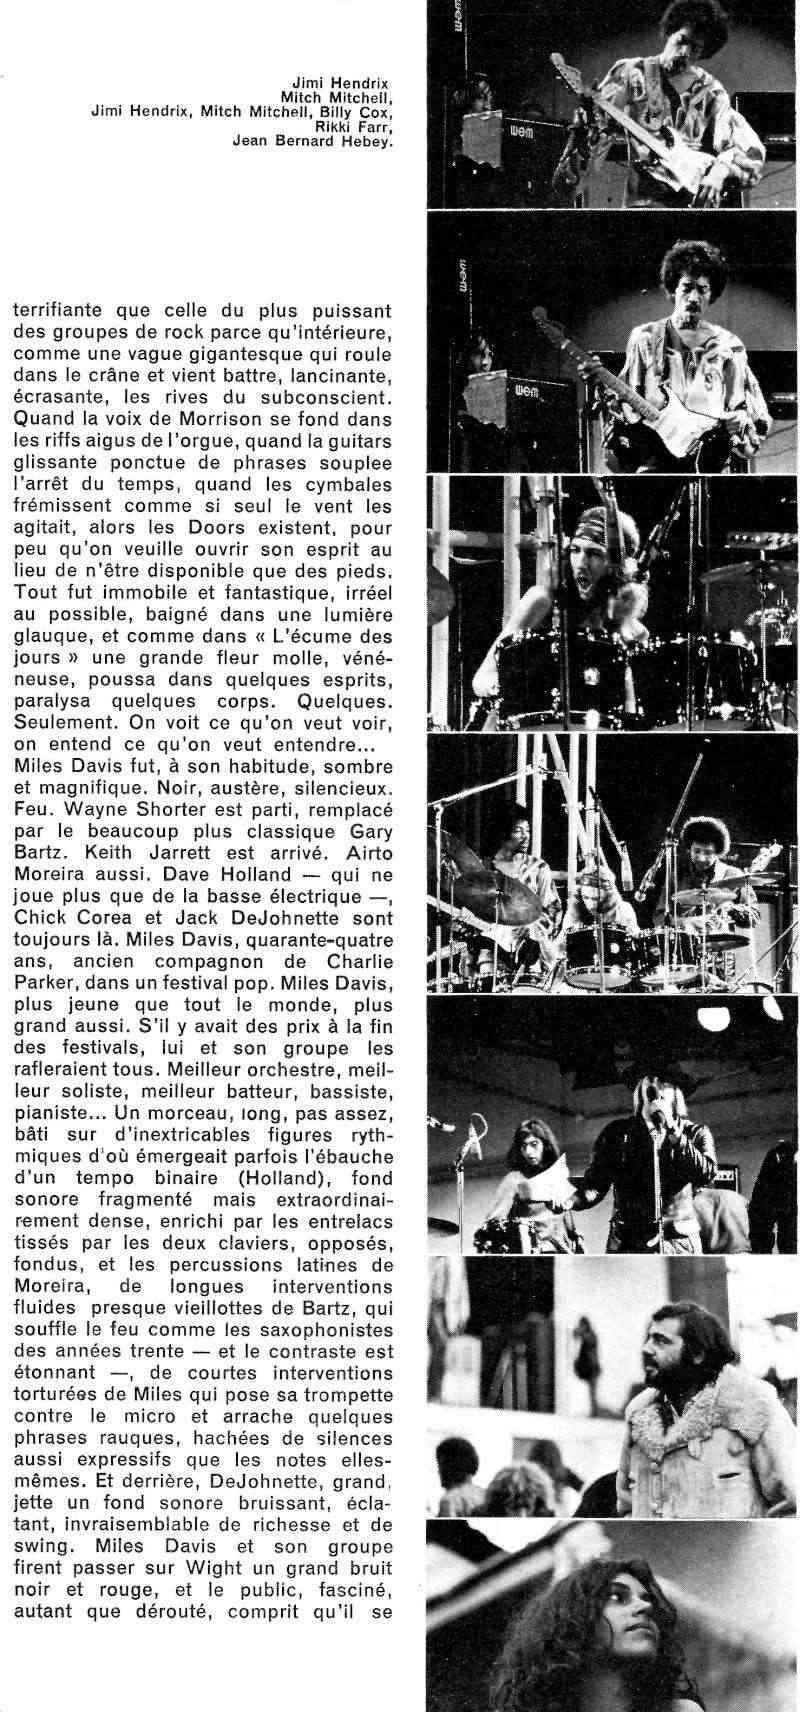 Jimi Hendrix dans la presse musicale française des années 60, 70 & 80 Rf_45_15